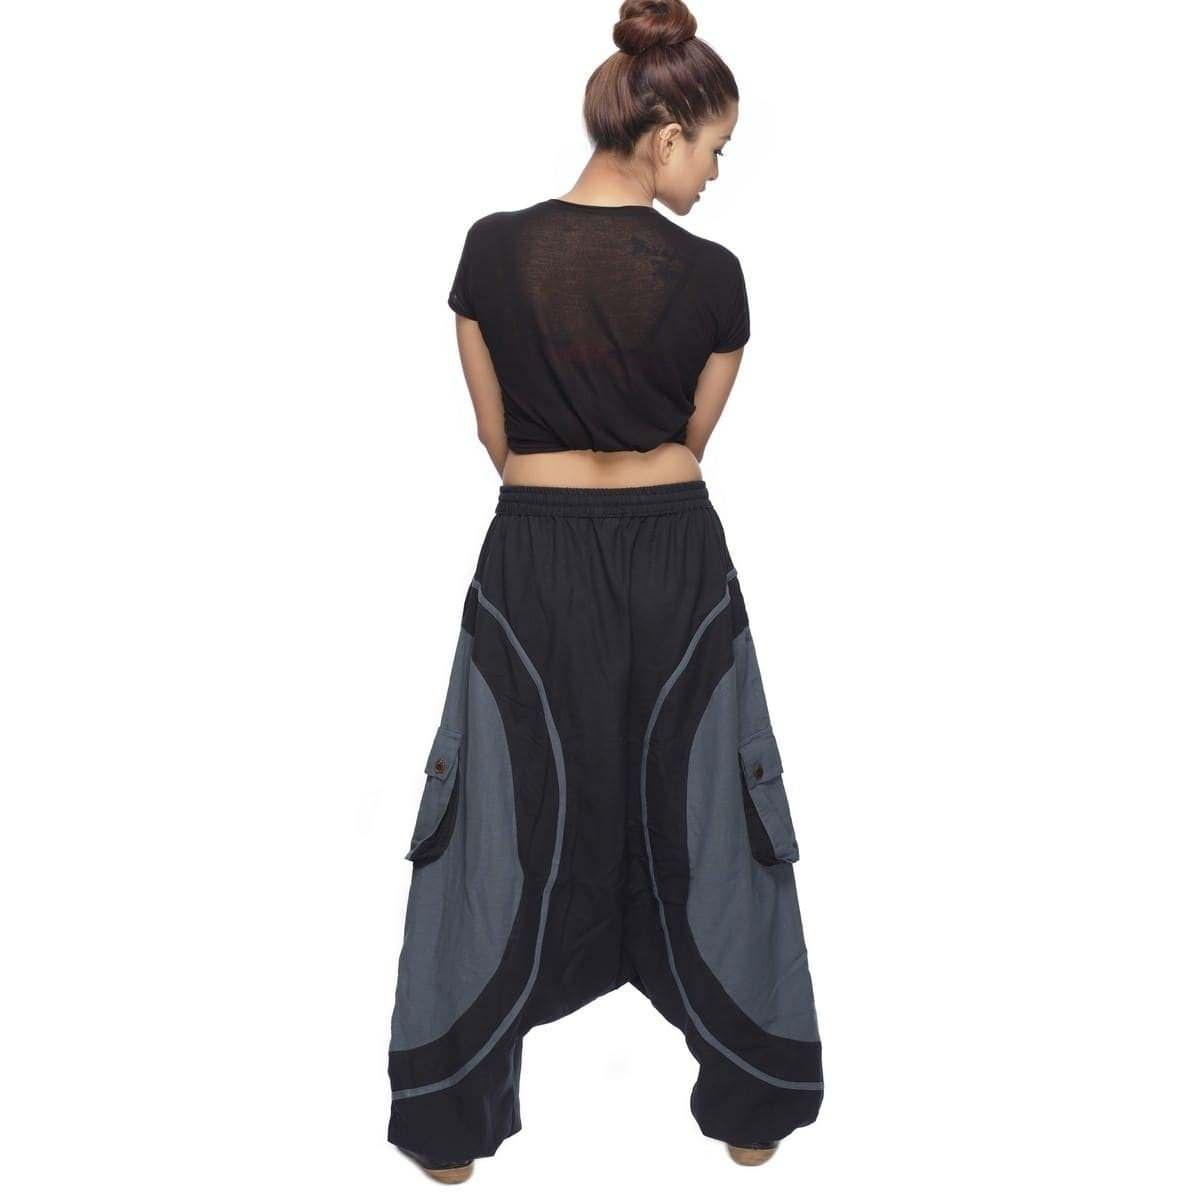 neue Season professioneller Verkauf Wählen Sie für offizielle Haremshose Pumphose Aladinhose Pluderhose Yoga Goa Sarouel ...